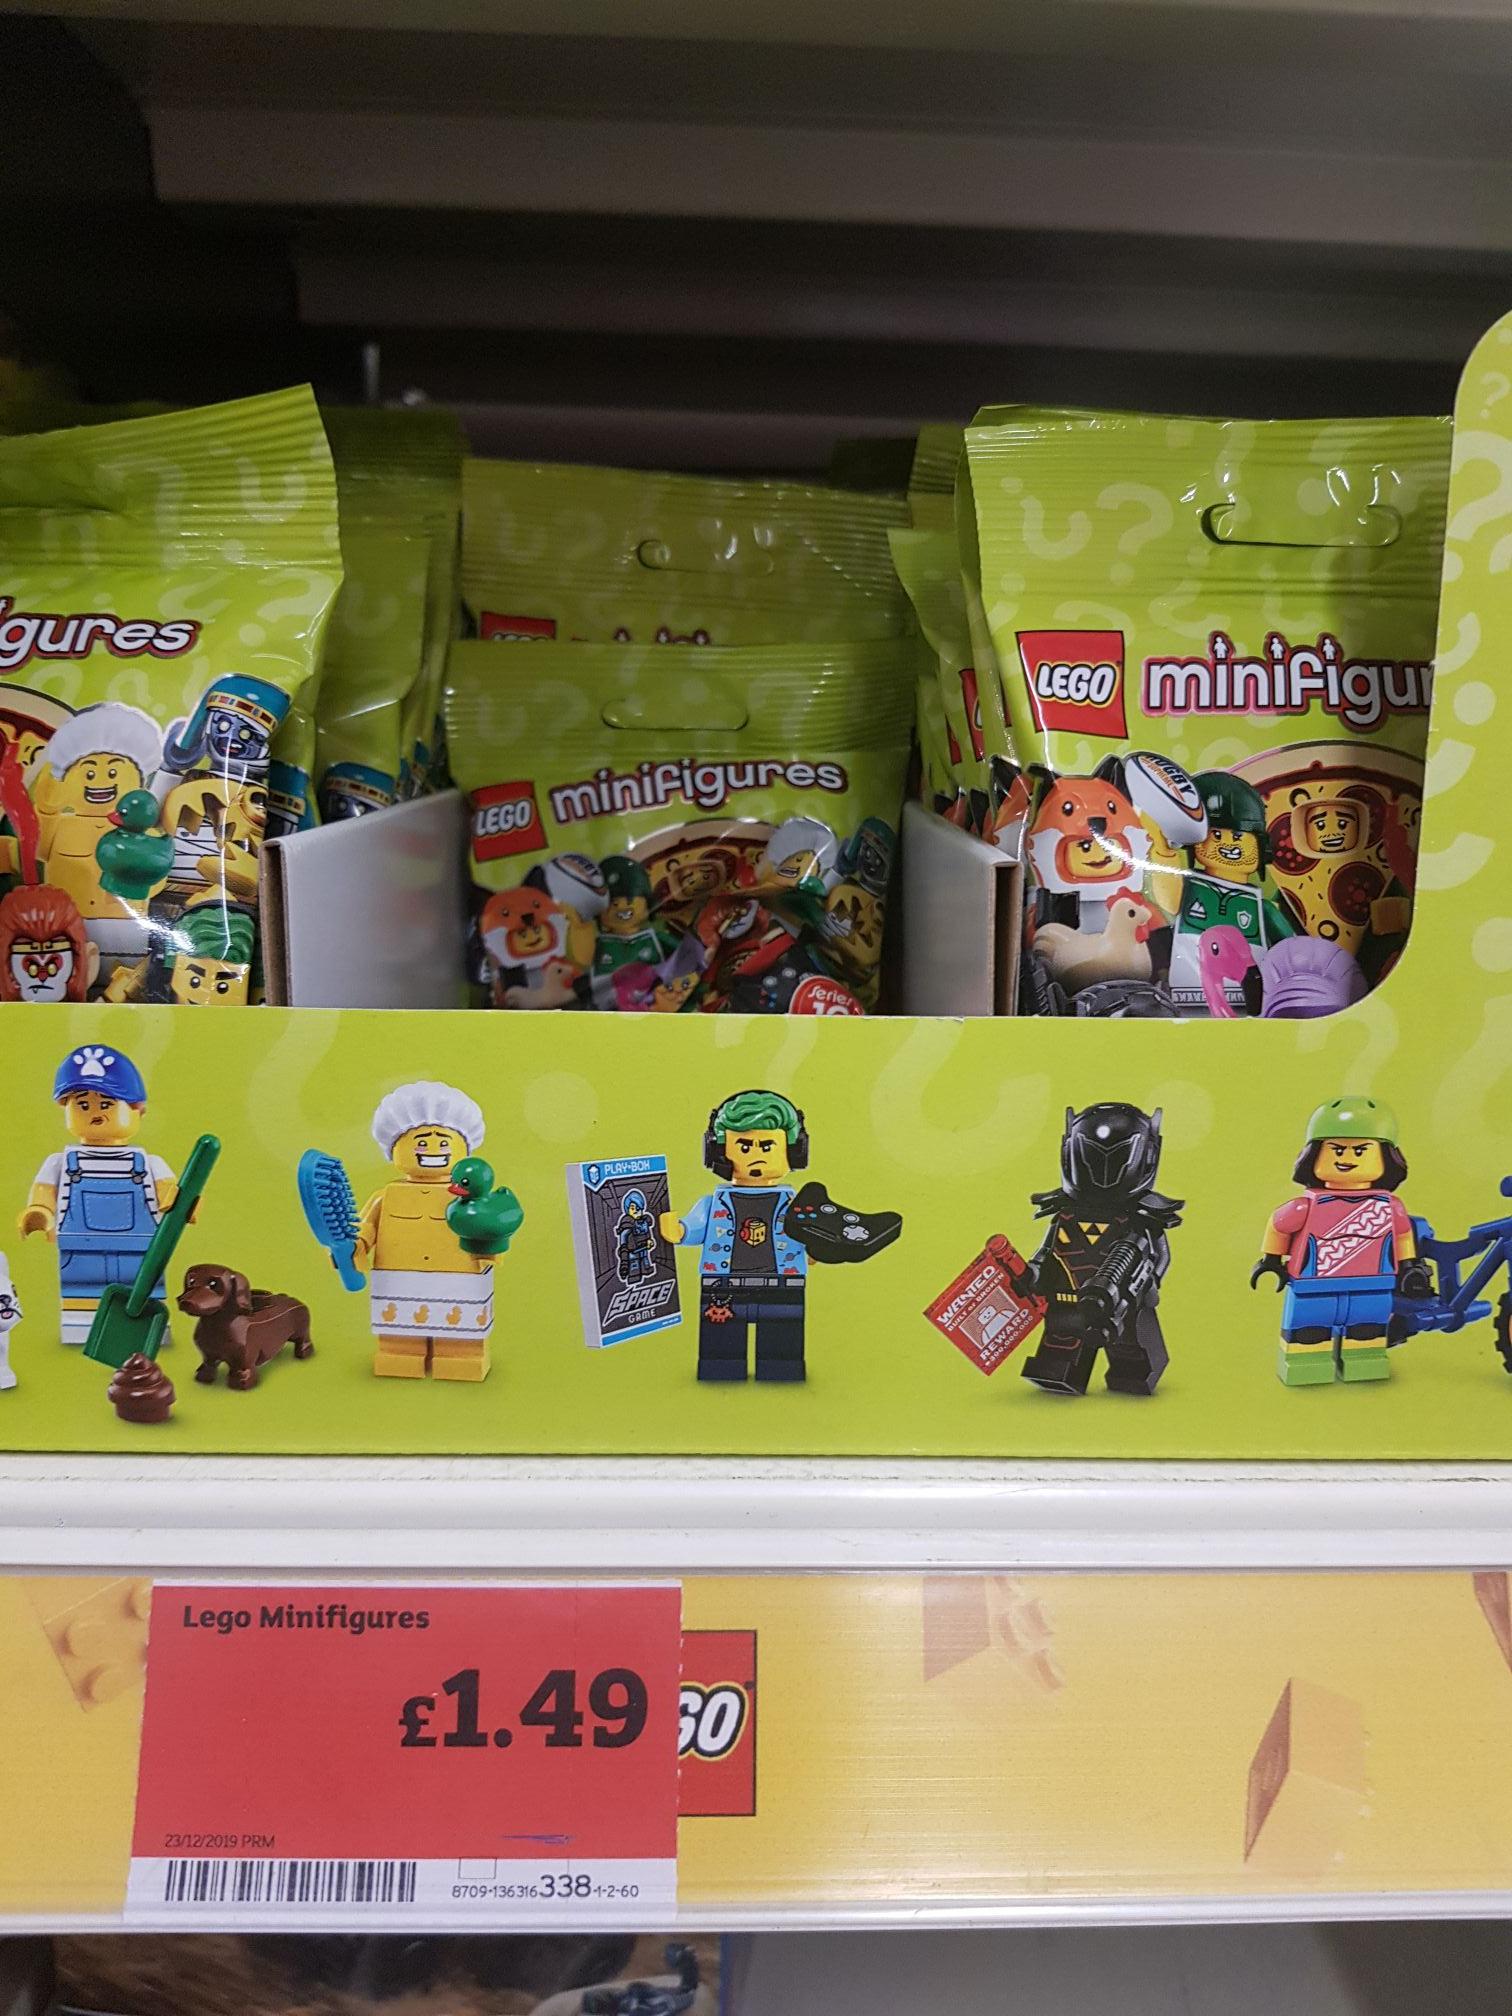 Lego Minifigures (series 19) £1.49 @ Sainsbury's